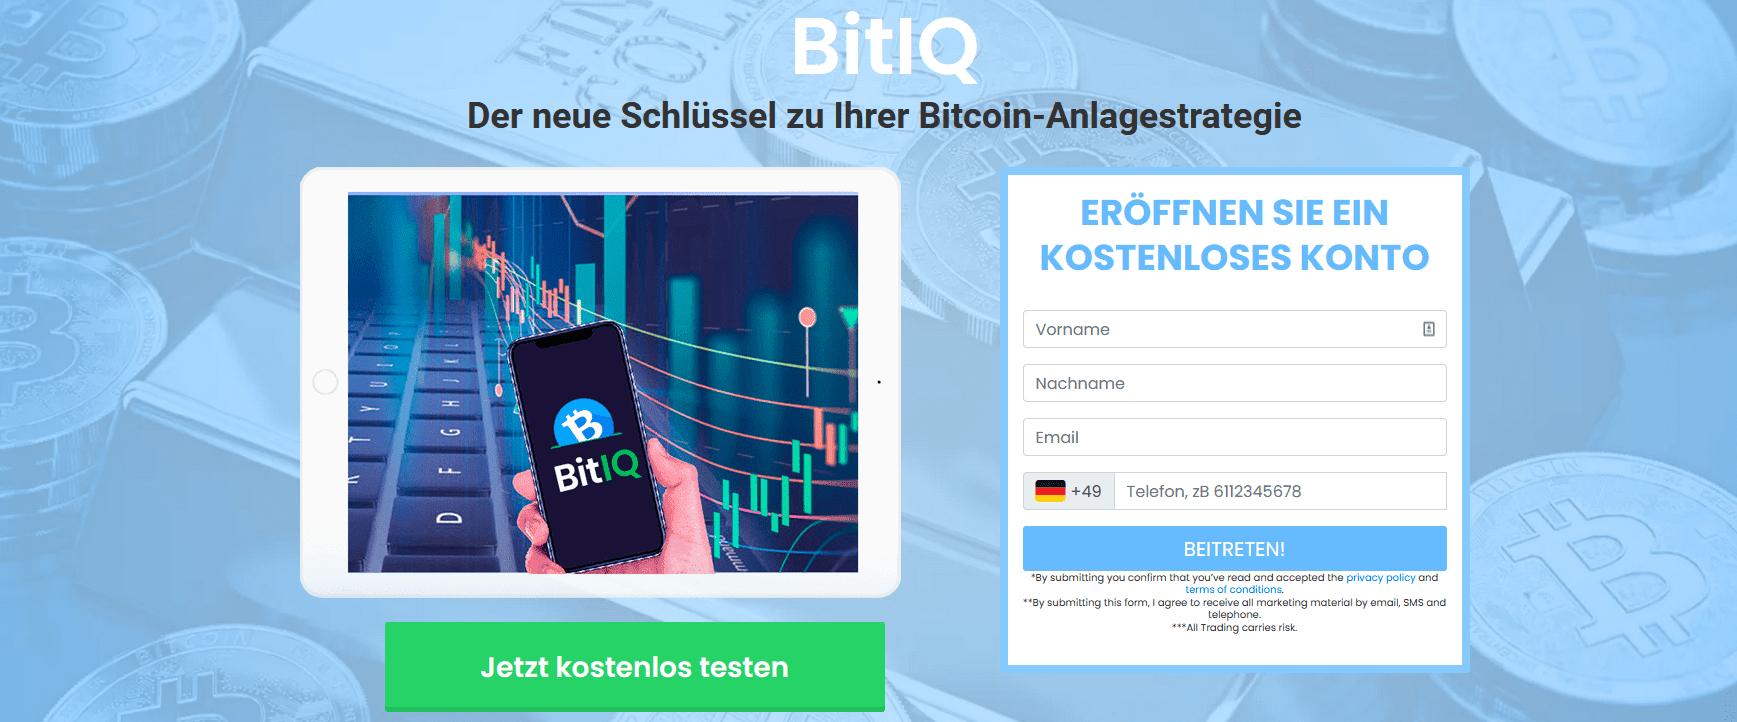 BitIQ Erfahrungen